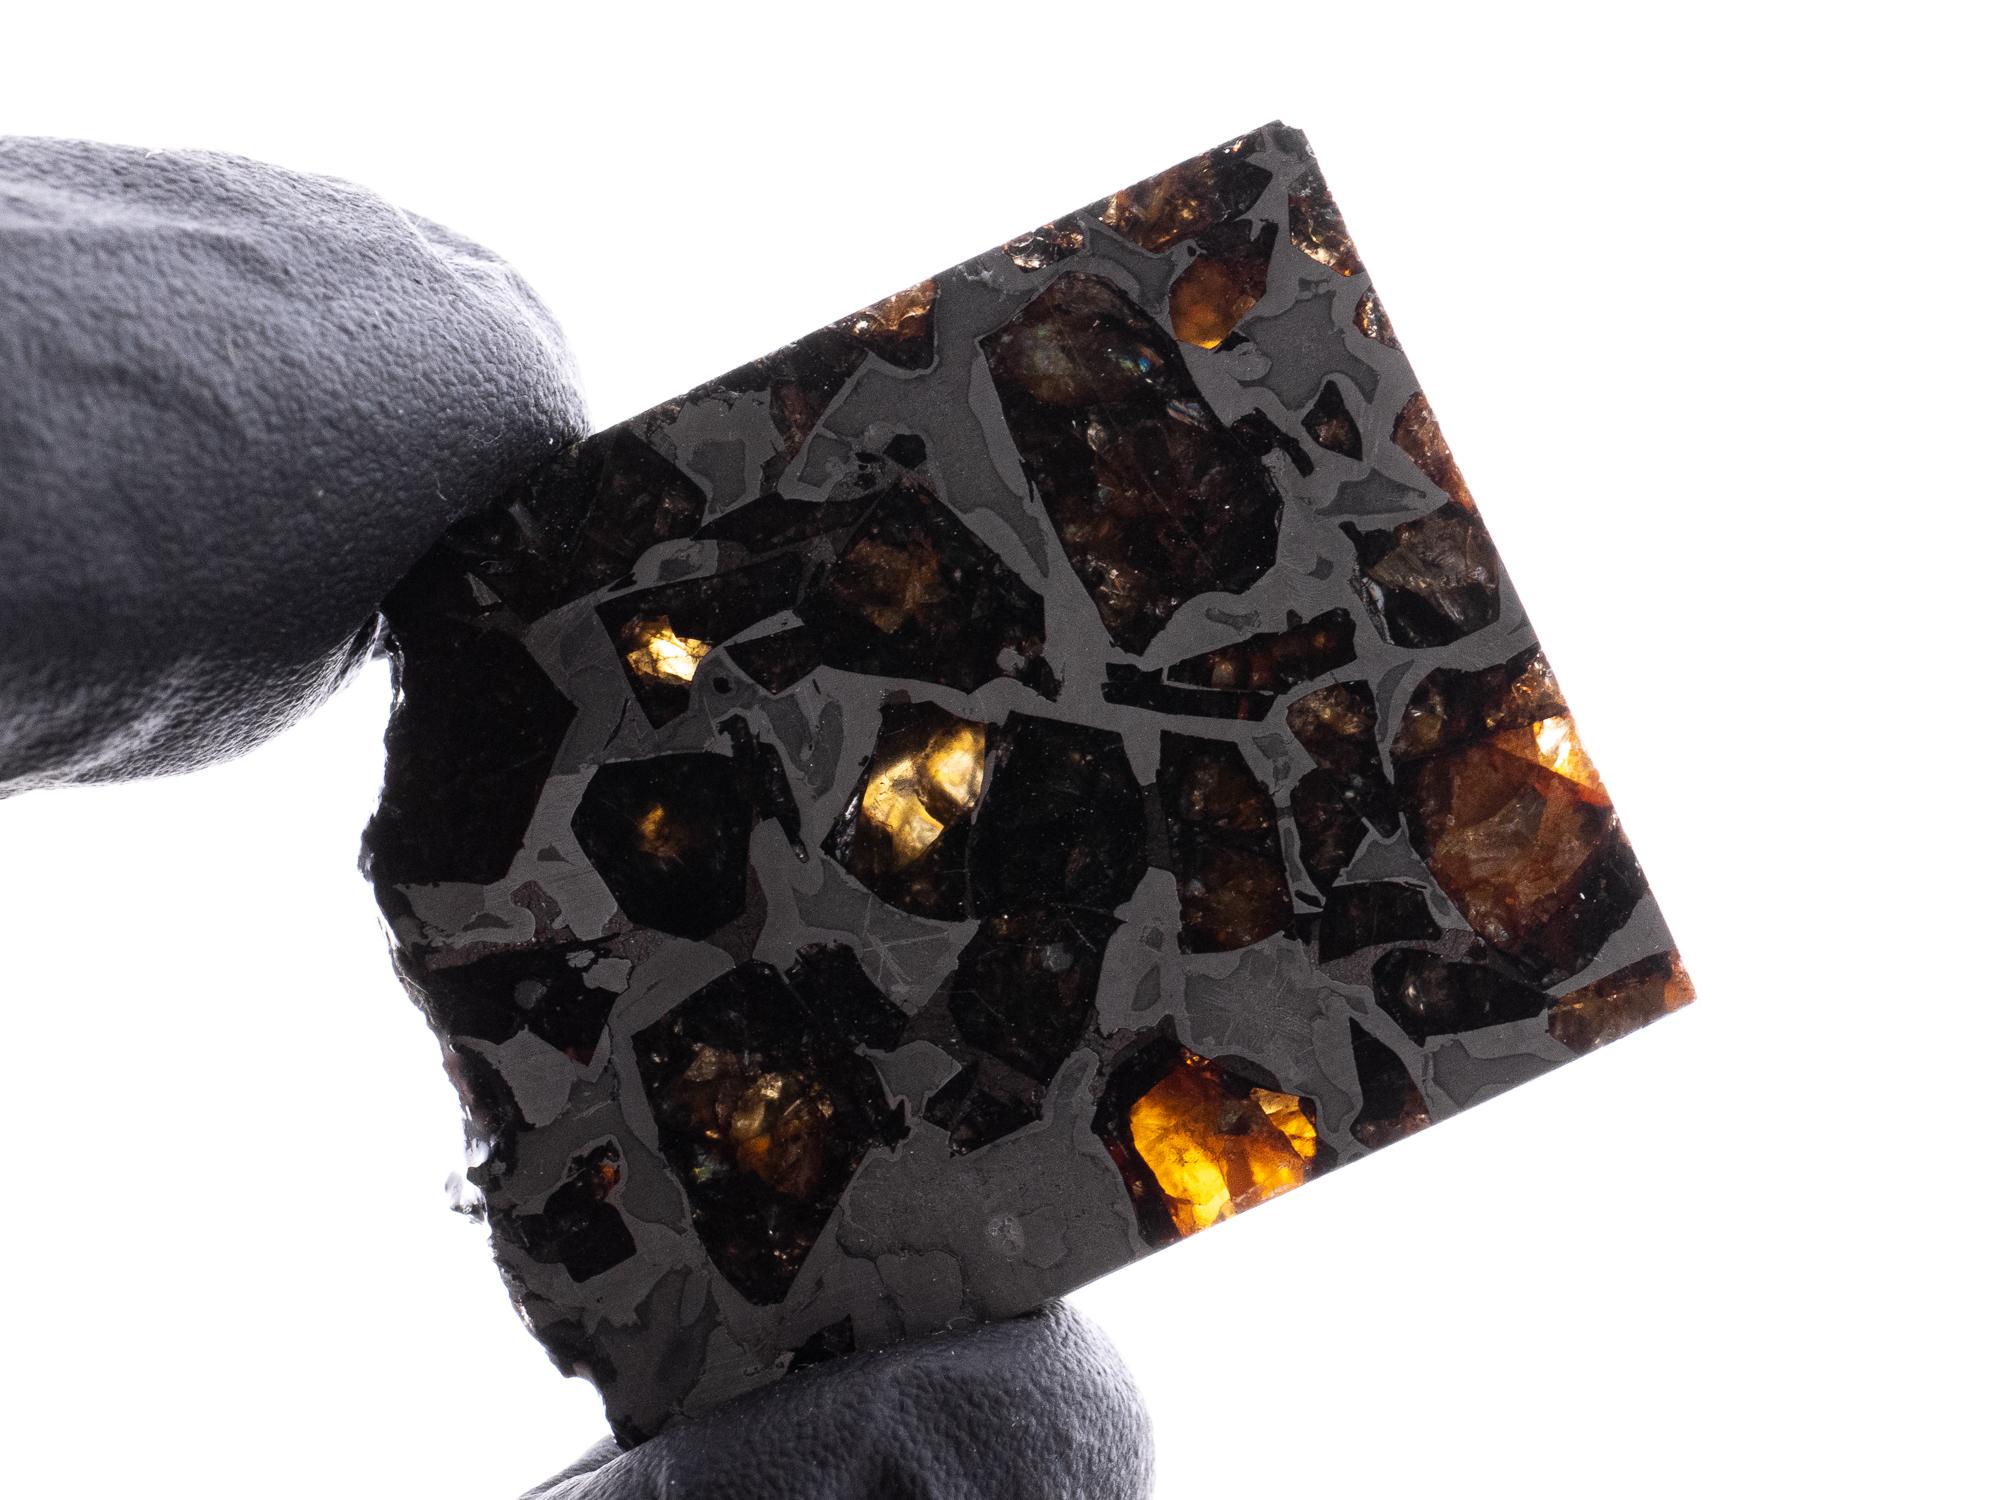 brahin pallasite meteorite 15